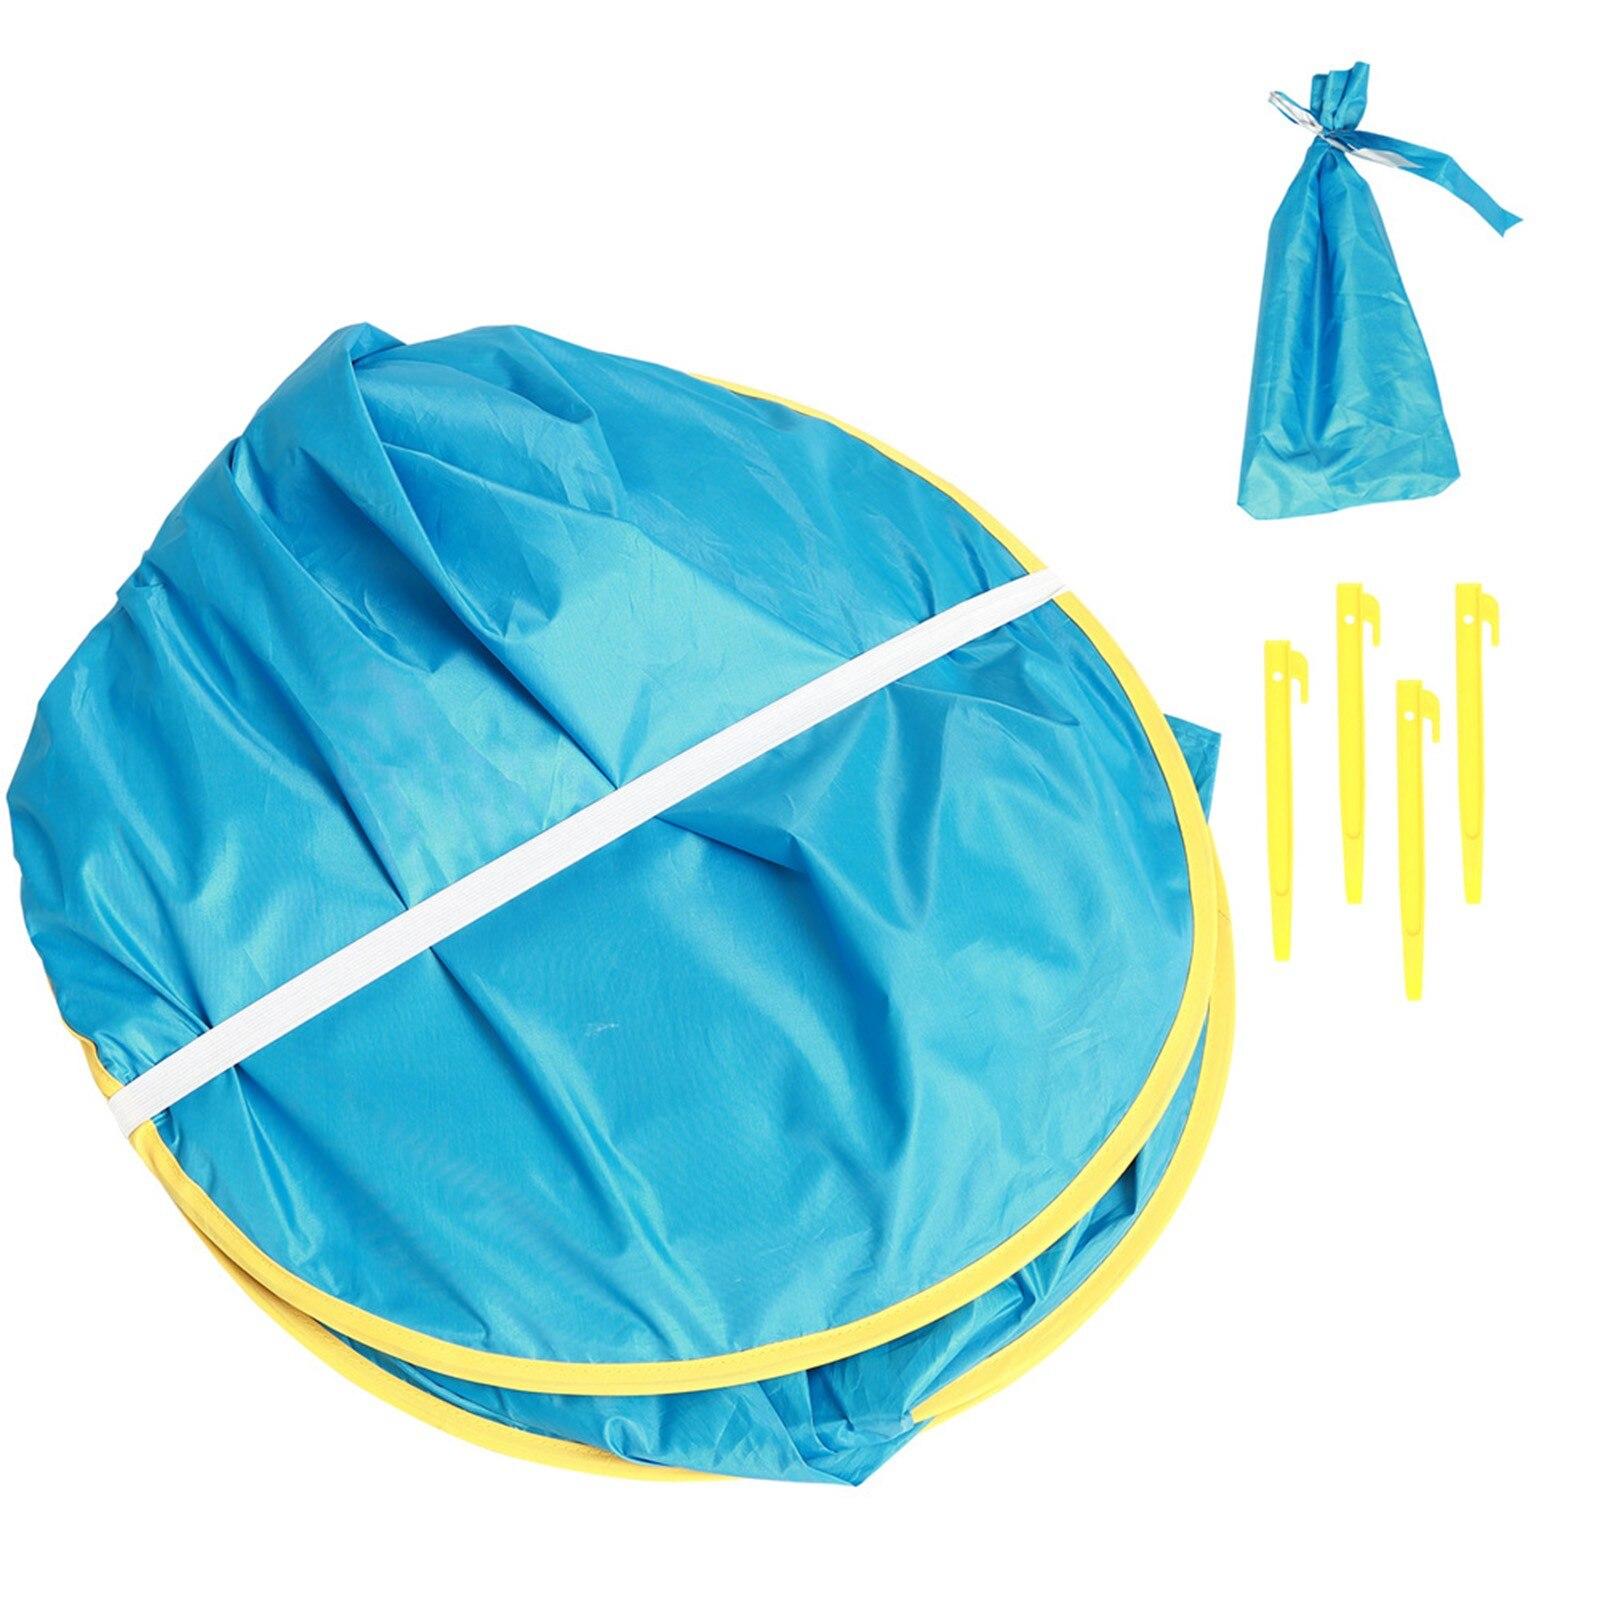 אוהל עם צילון ובריכה לתינוק  6